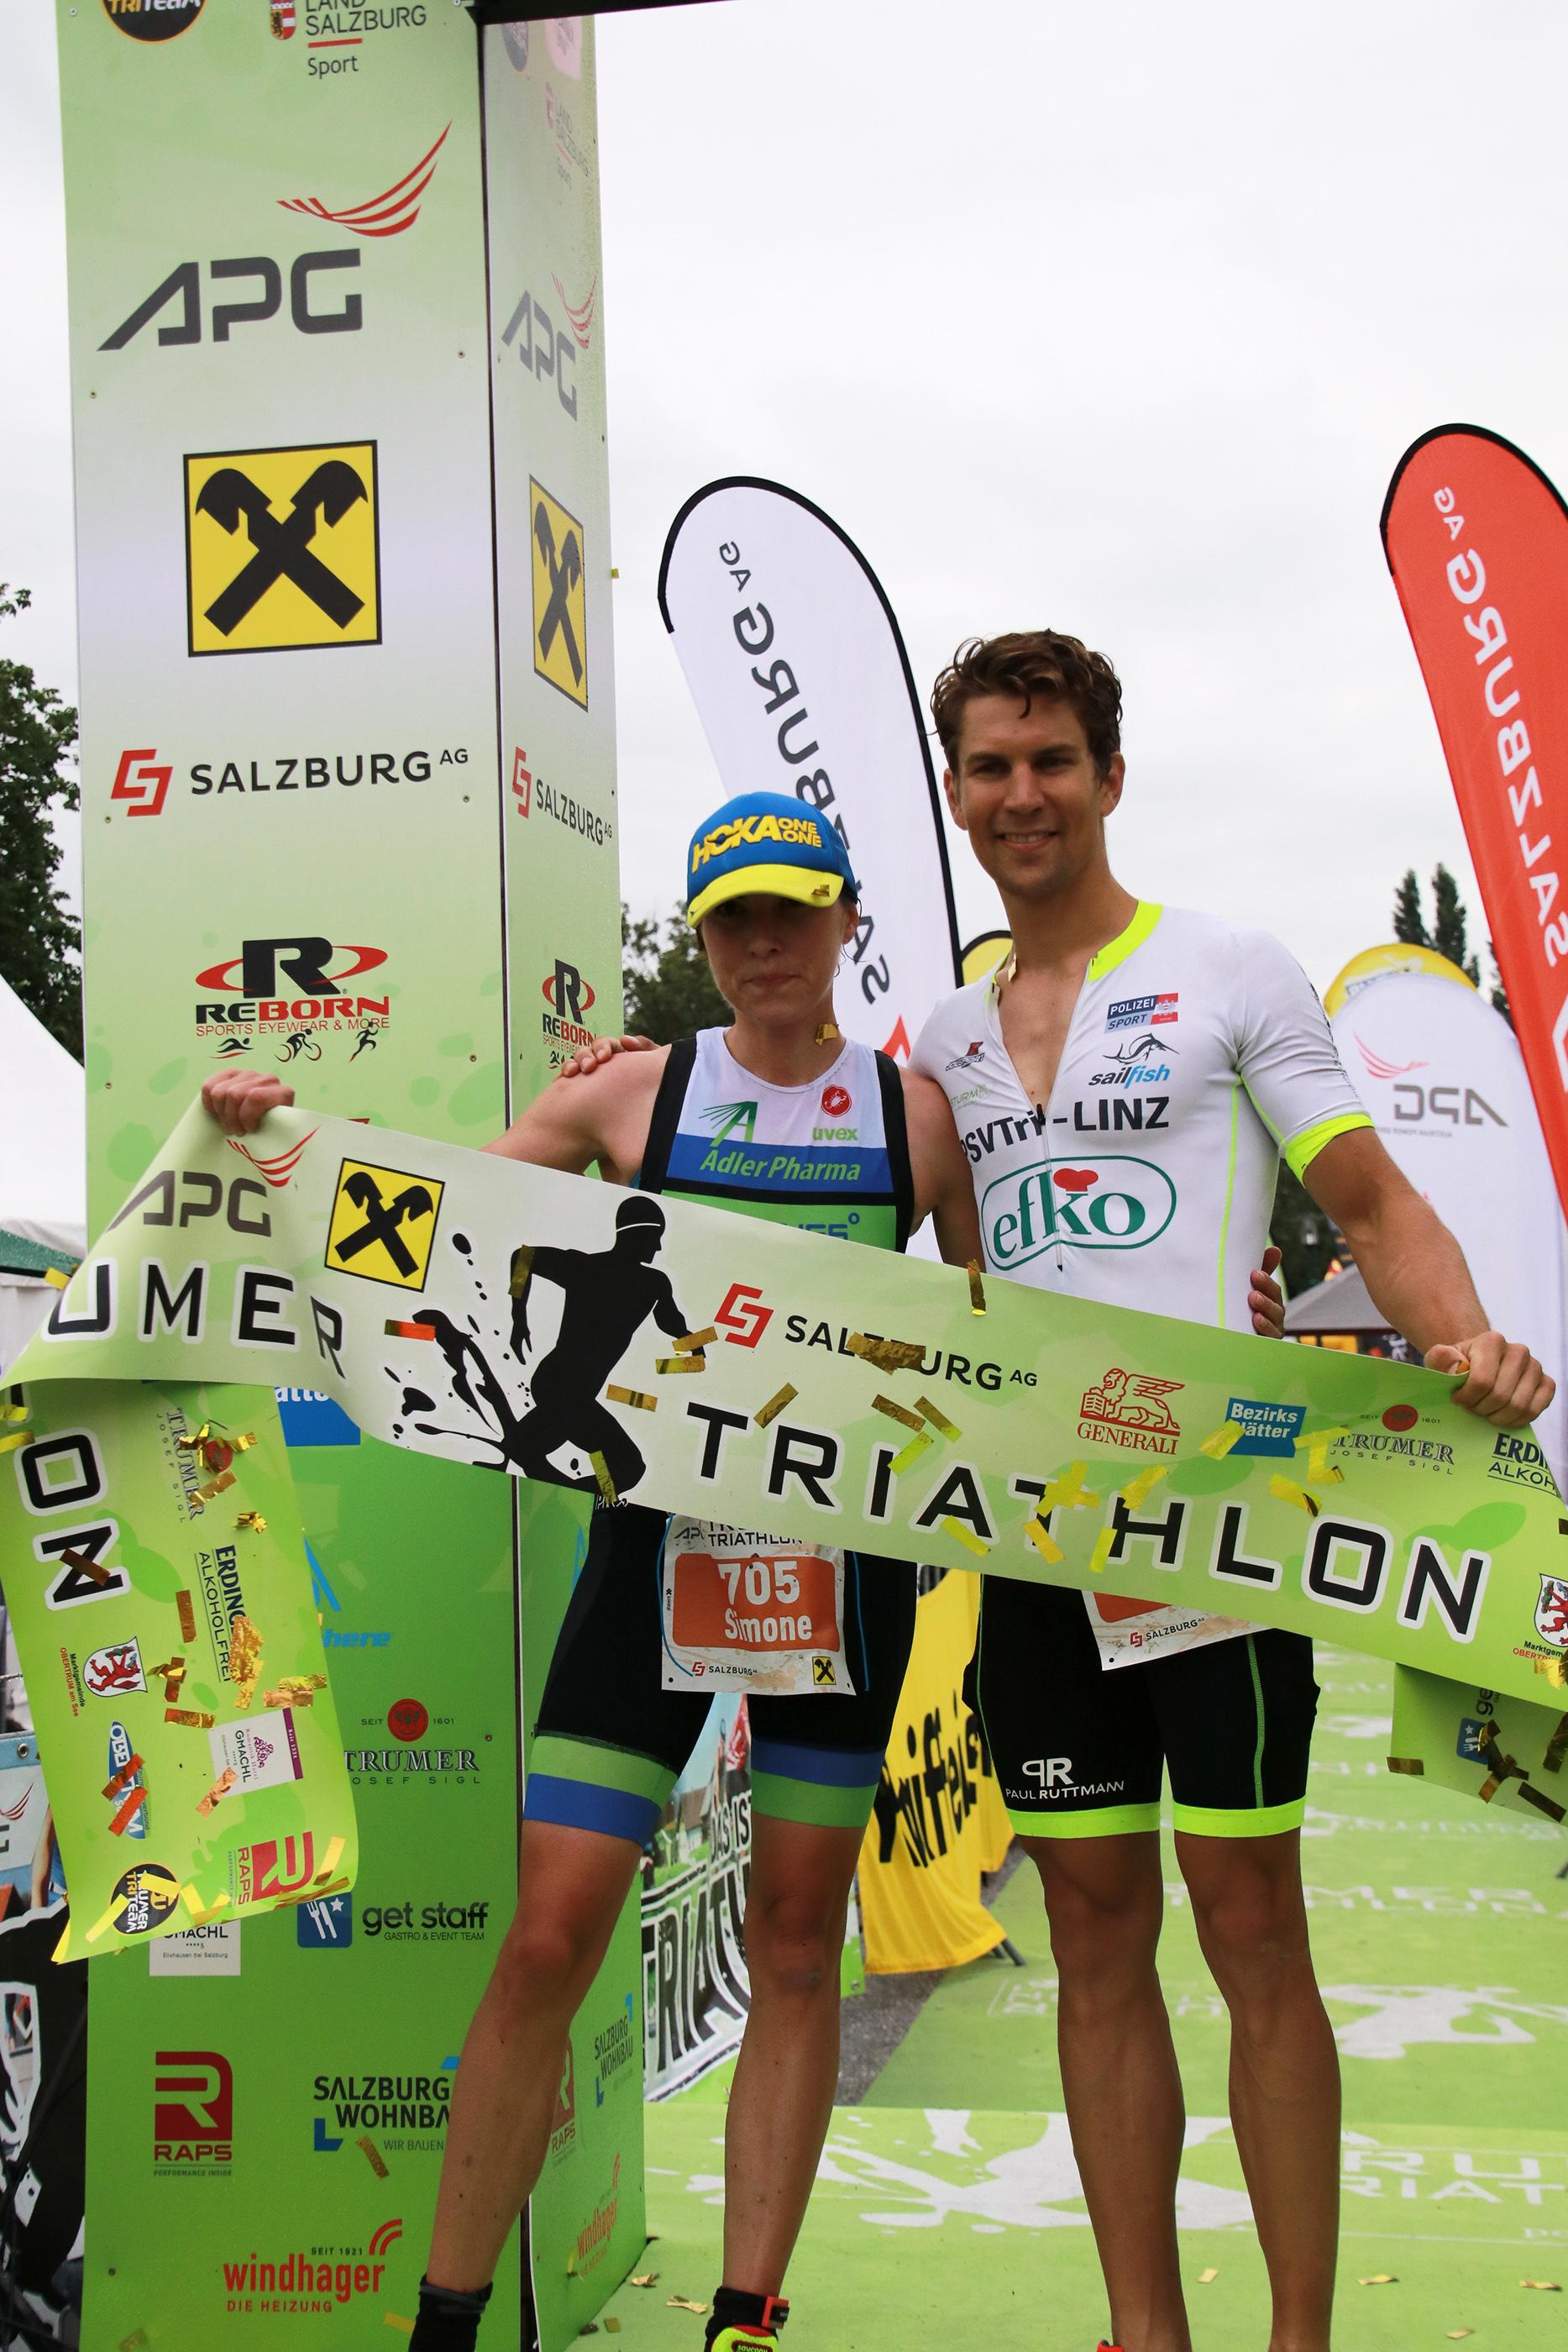 Gewinner des Triathlons in Obertrum